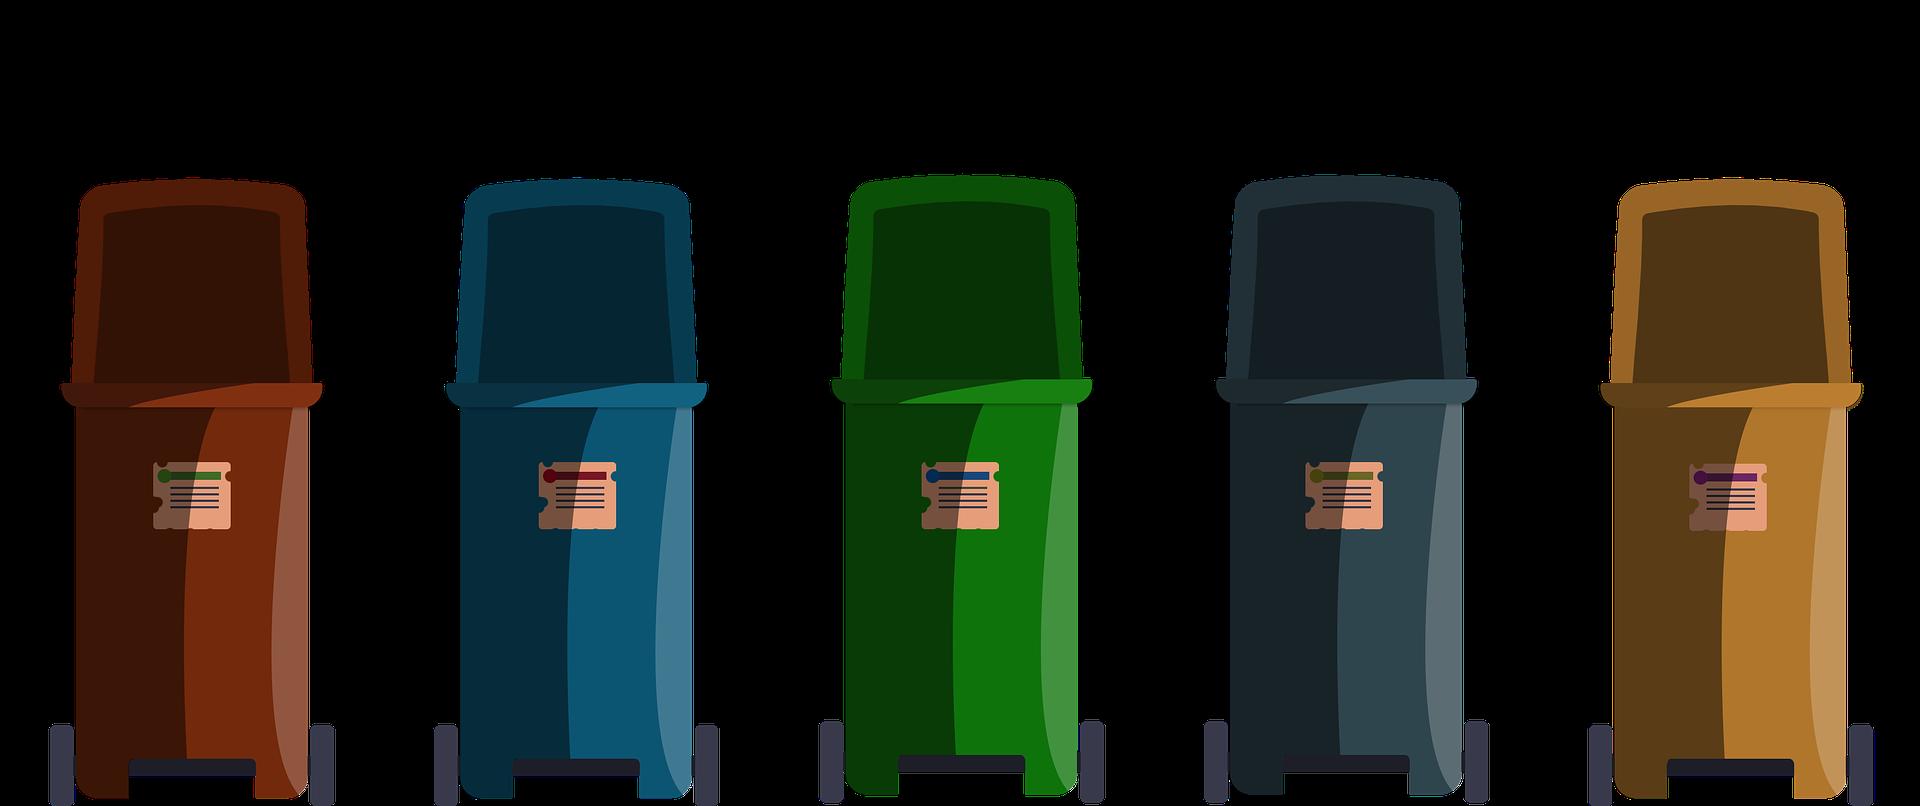 Taxe ou Redevance d'enlèvement des ordures ménagères